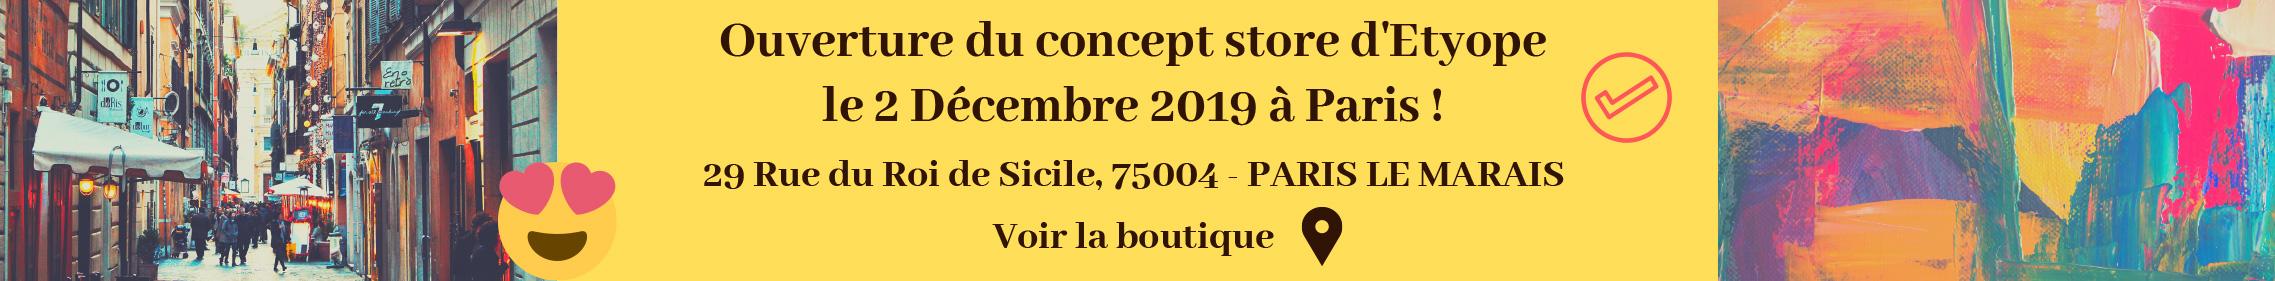 Ouverture du concept store D'Etyope le 2 décembre 2019 à Paris (29 rue du Roi de Sicile) !